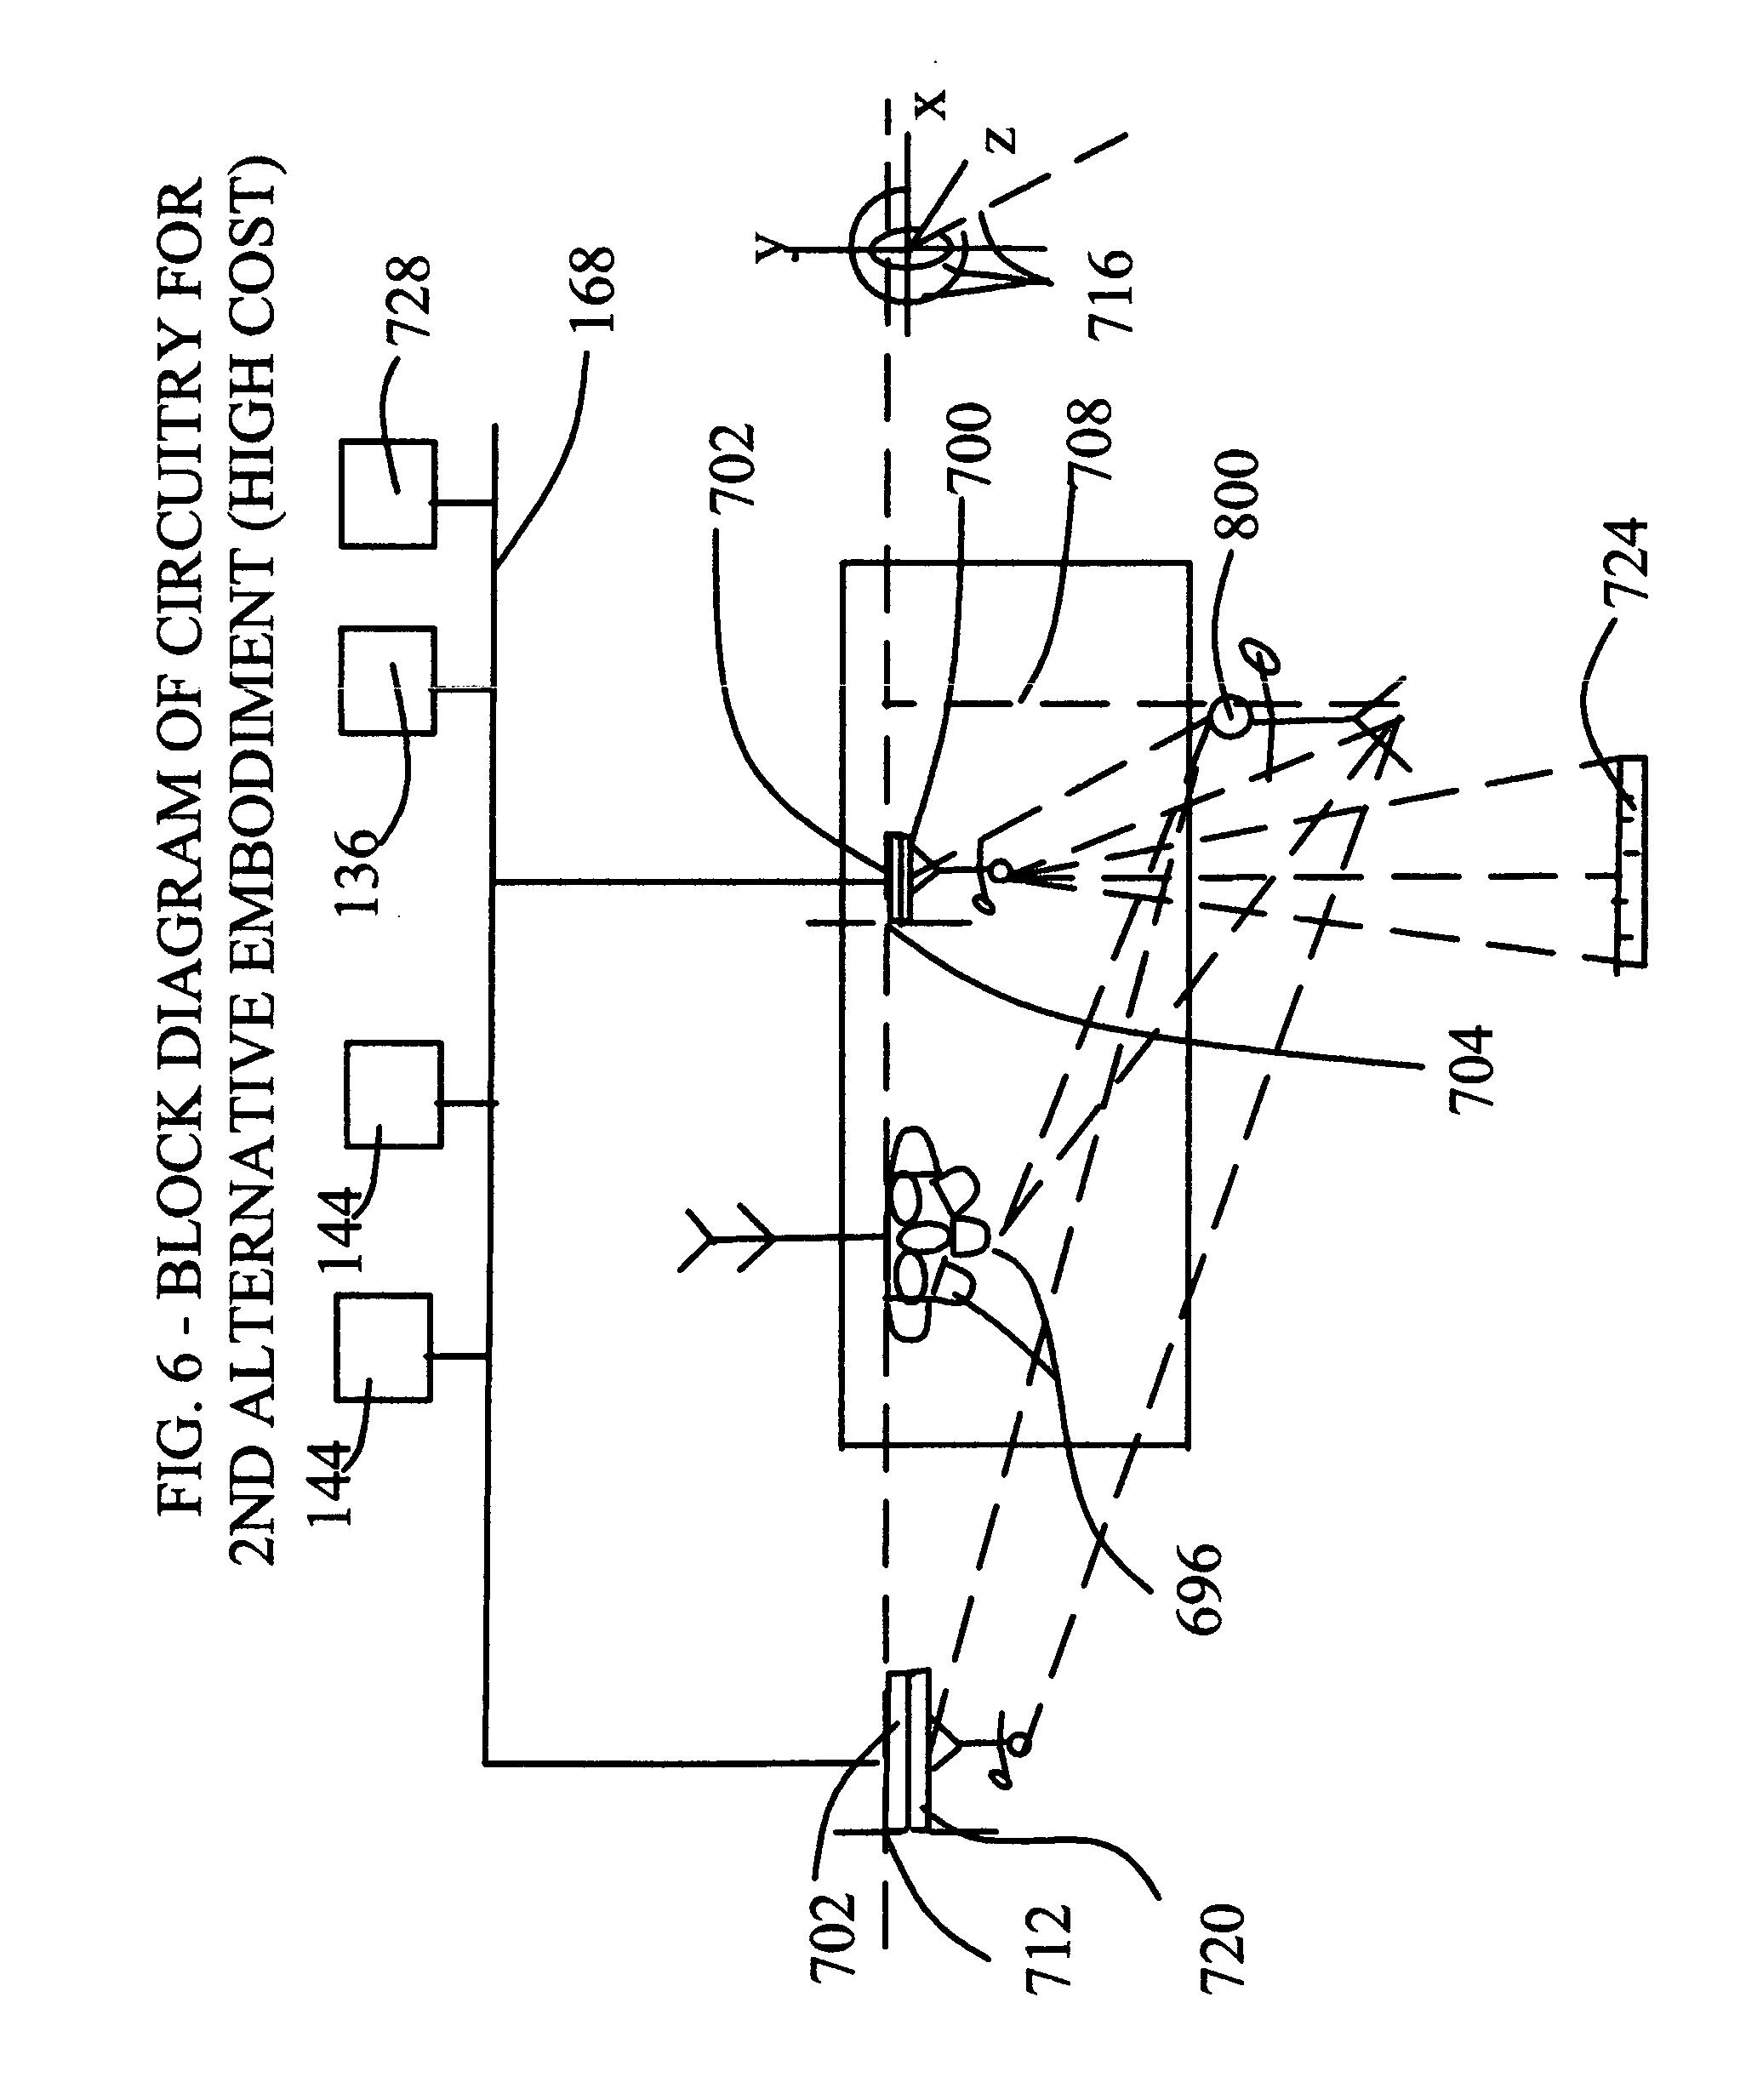 patent us20040109059